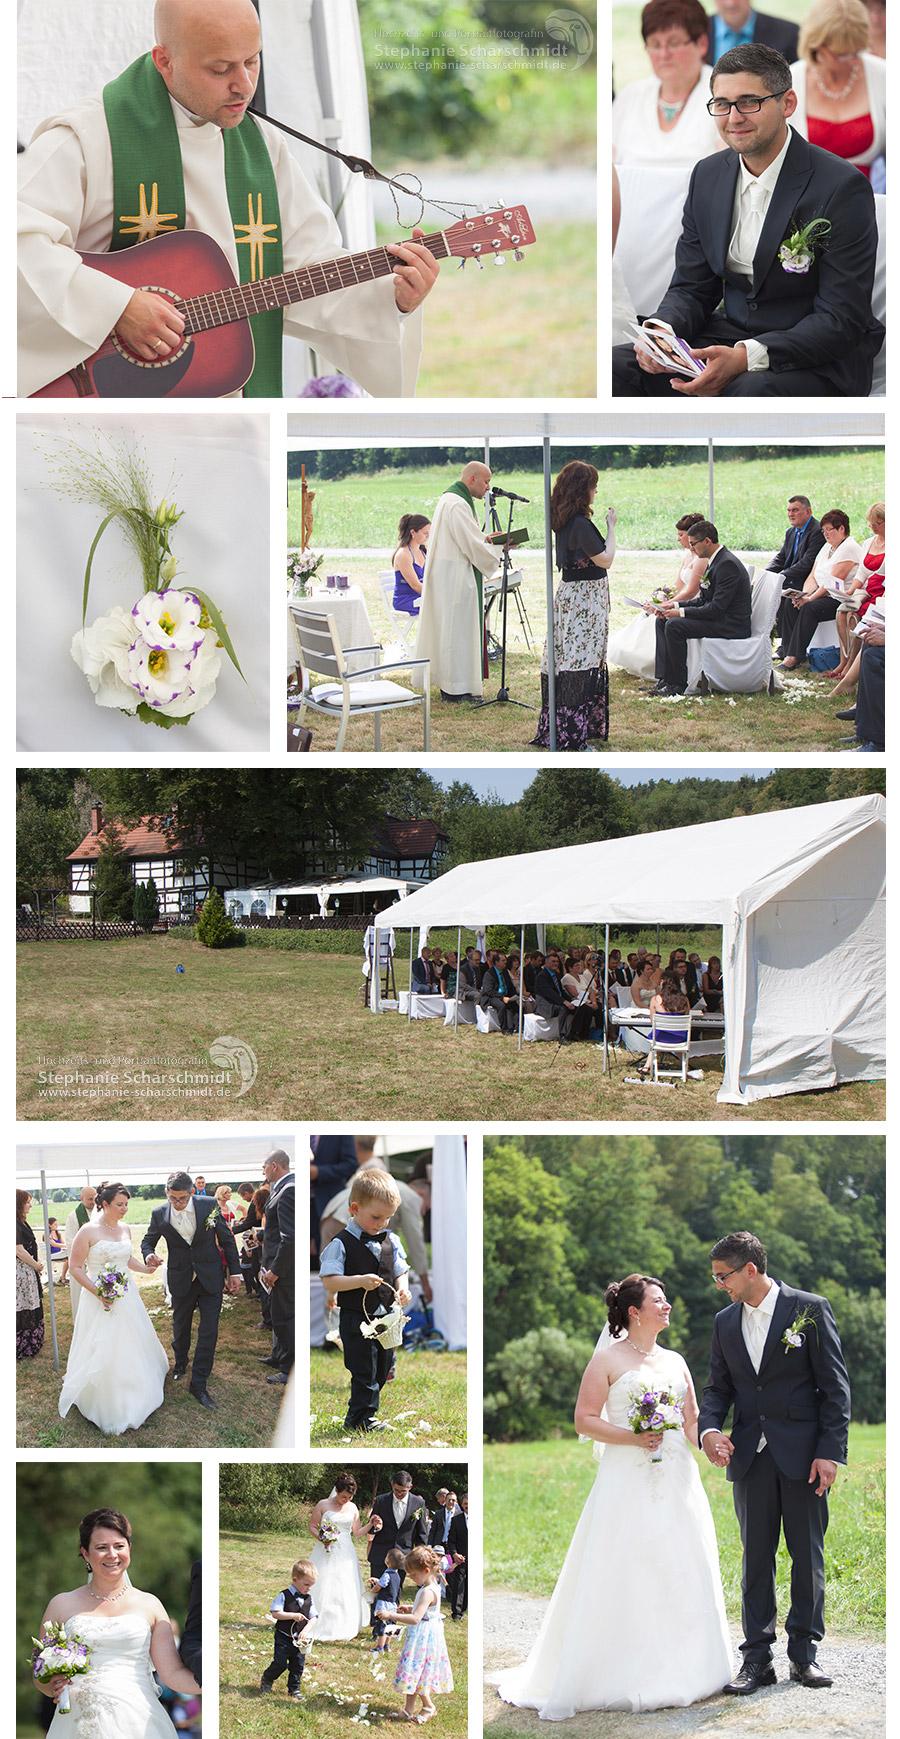 Kirchliche-Trauung-unter-freiem Himmel in der Pension und Restaurant Lochbauer in Plauen – Stephanie Scharschmidt Hochzeitsfotograf Plauen